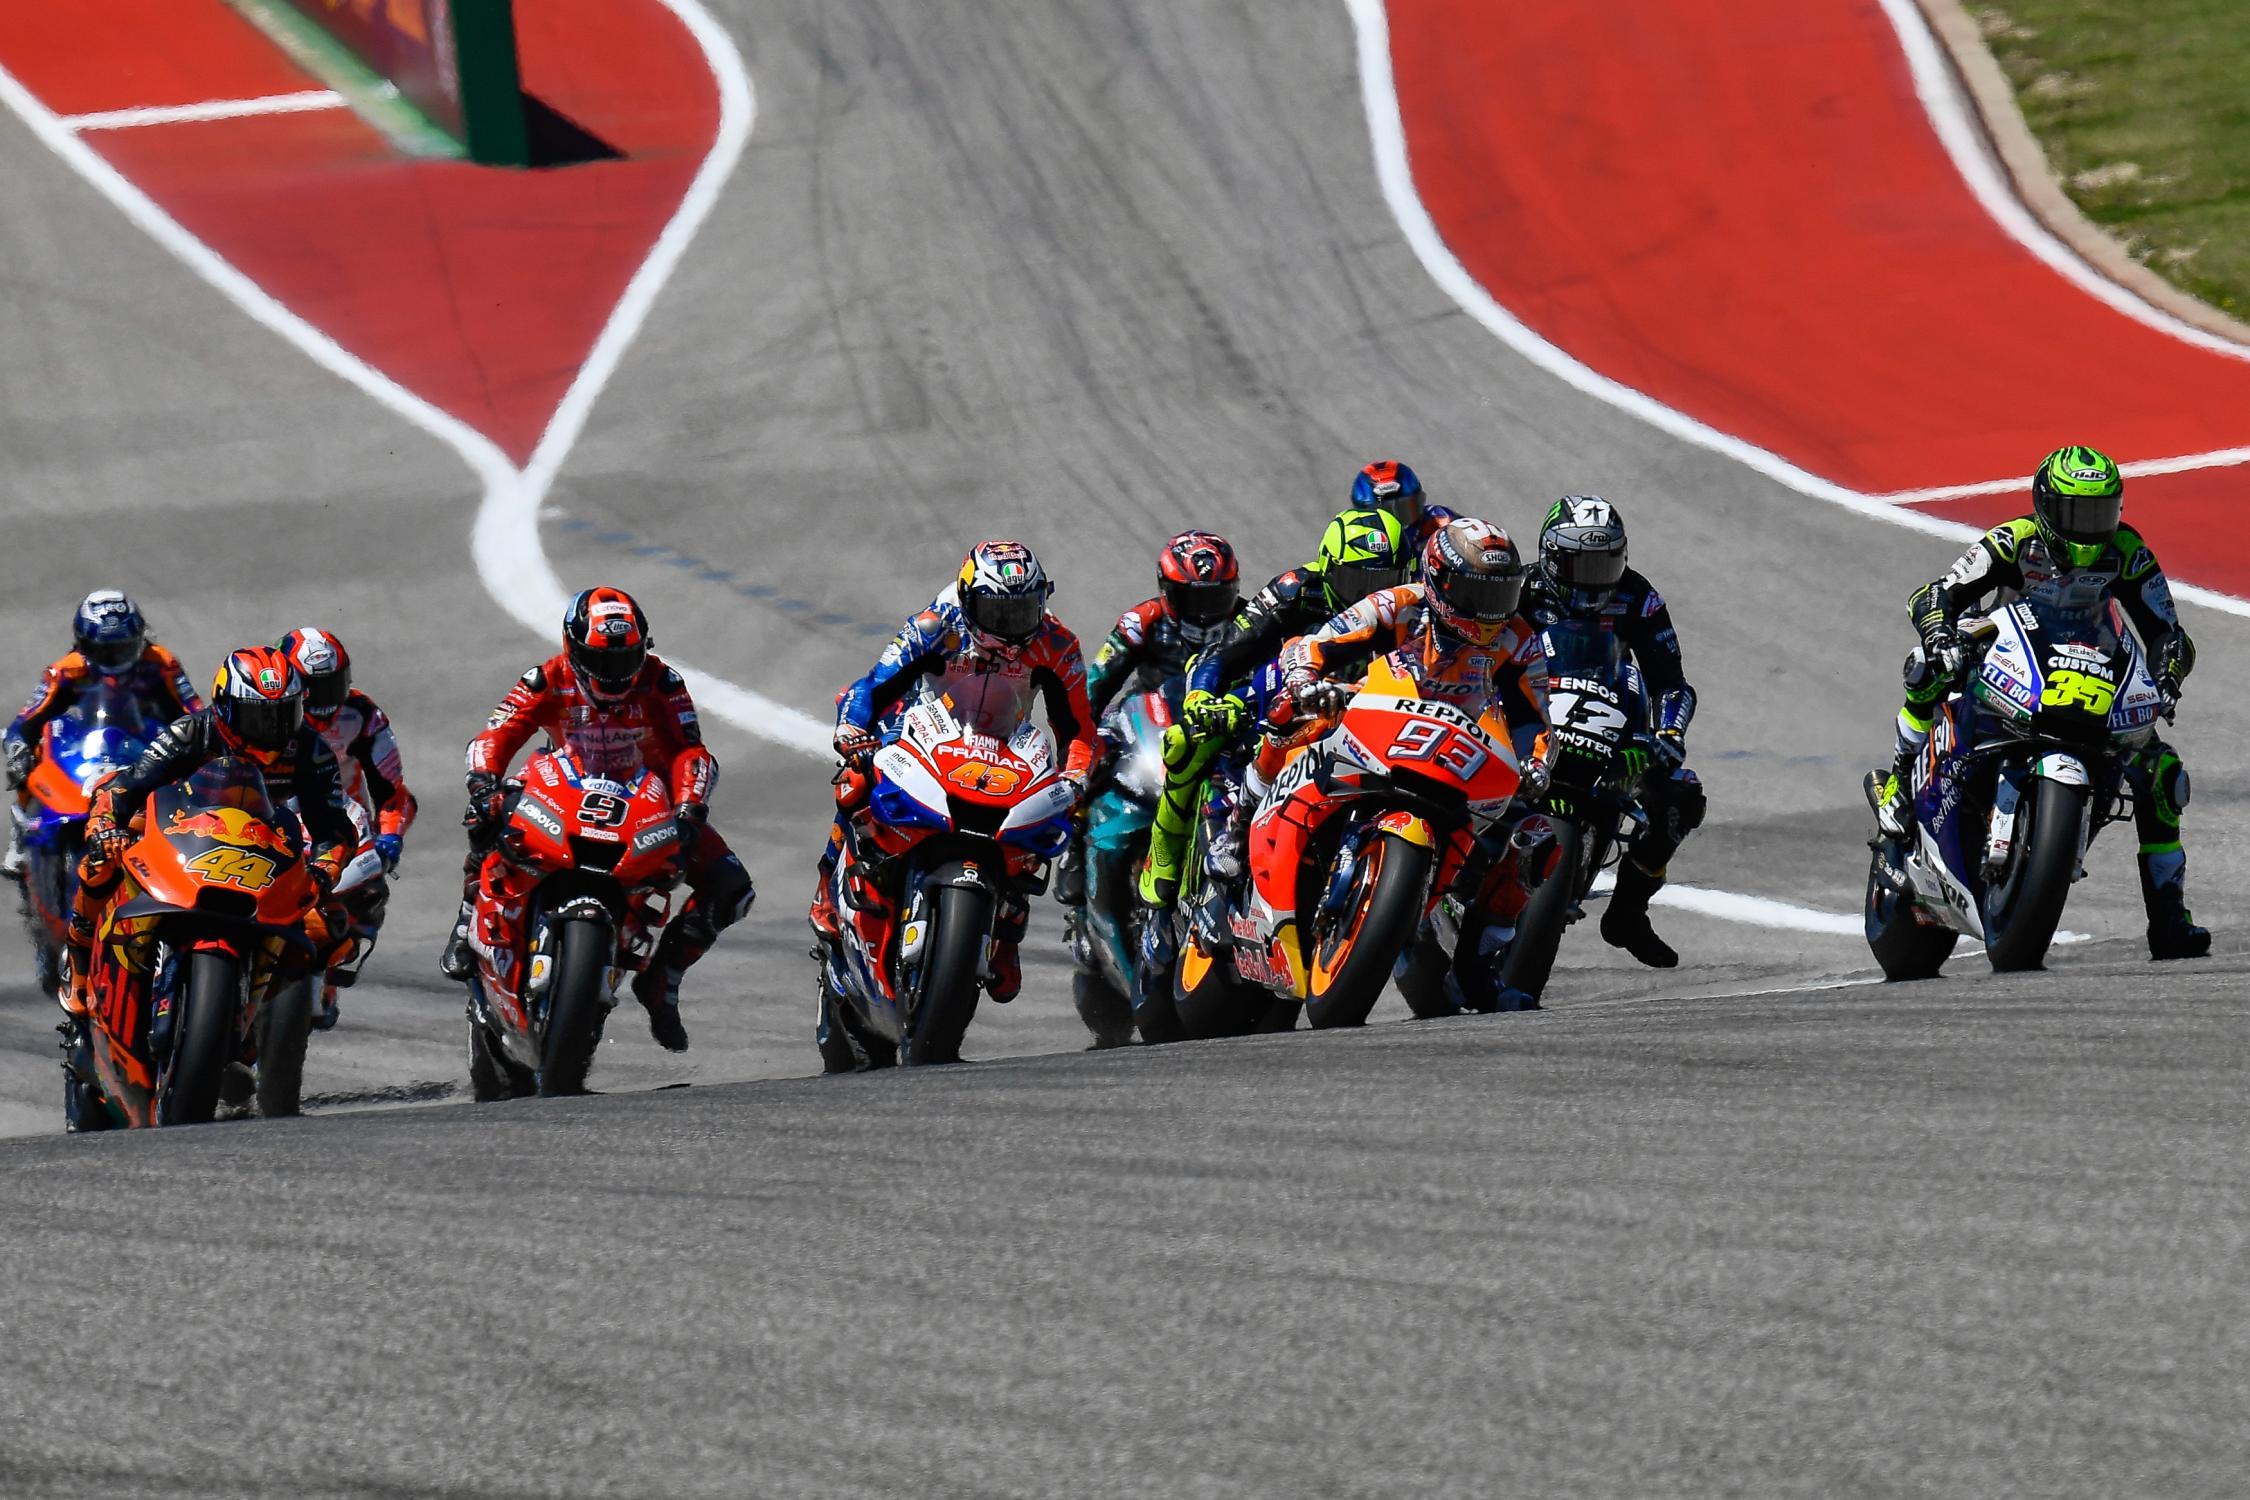 El Gran Premio de las Américas aplazado hasta noviembre